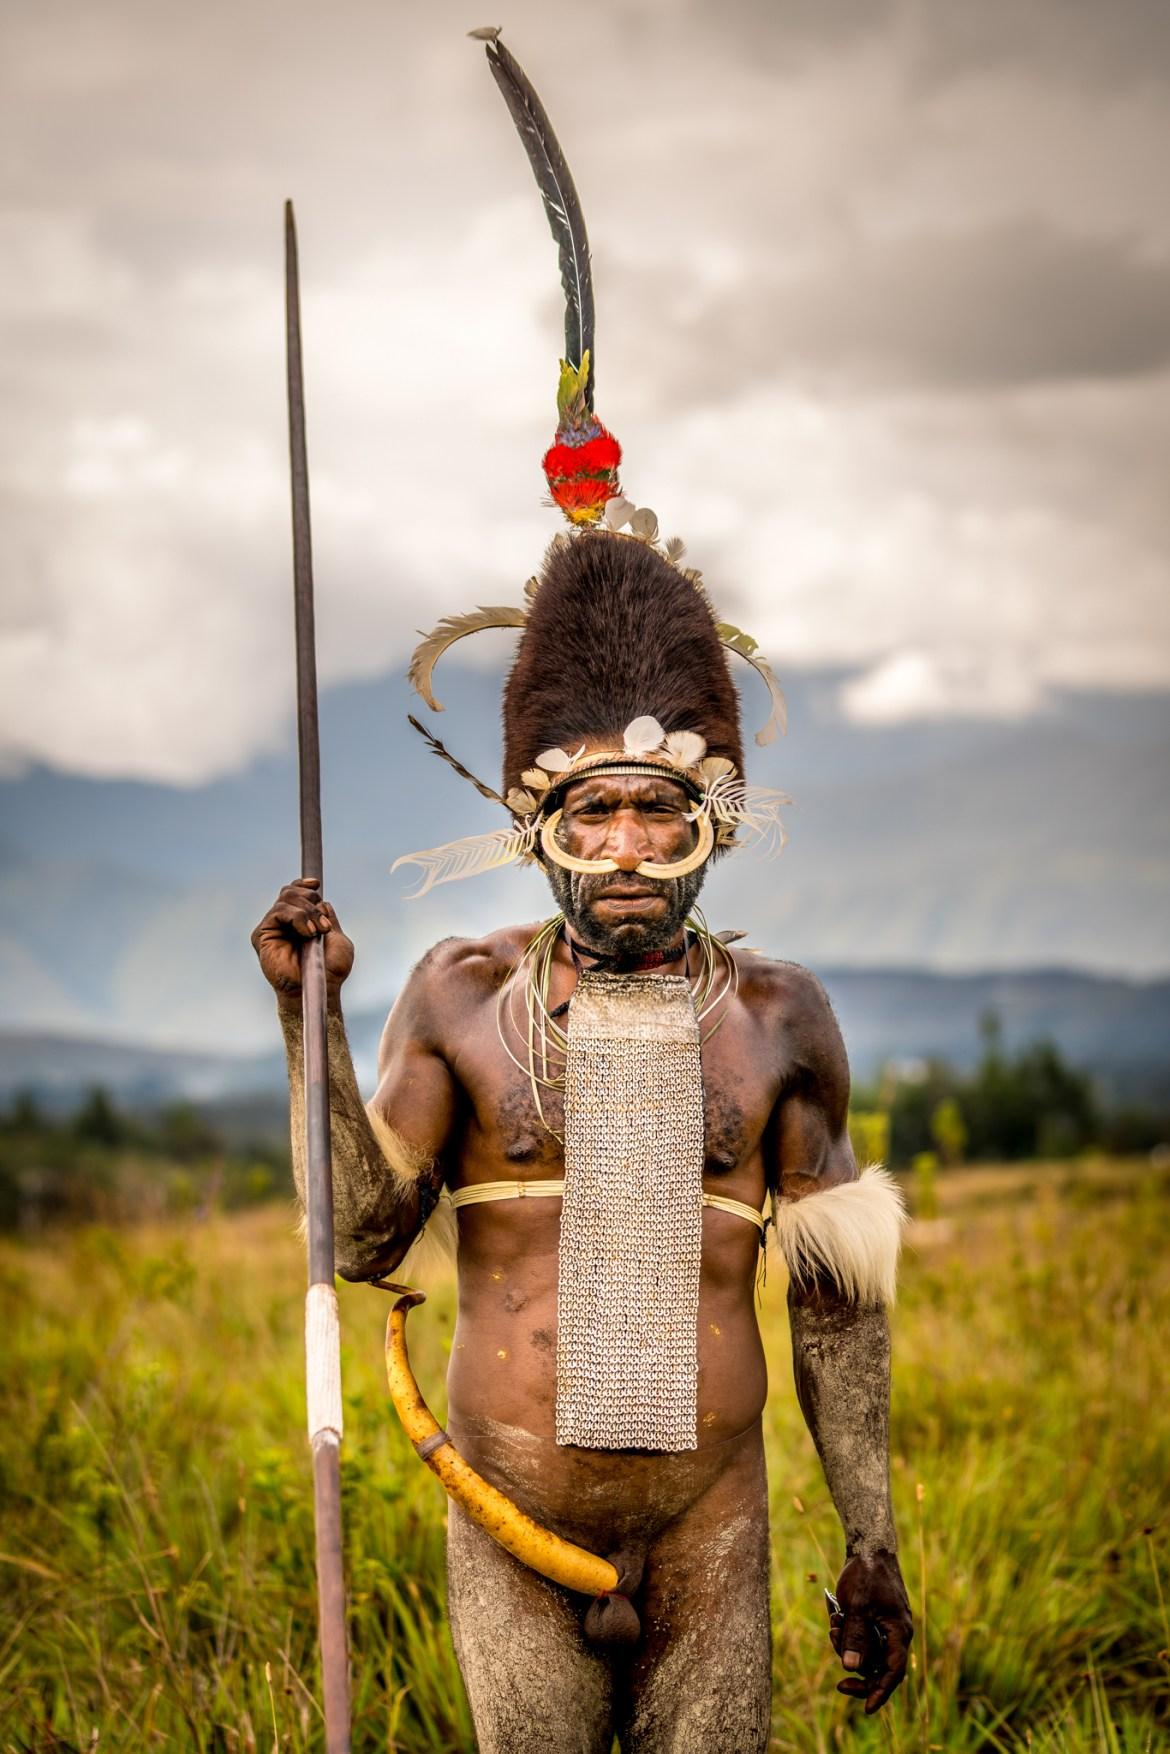 Dani memiliki reputasi menakutkan sebagai pejuang di antara suku-suku lain di Western New Guinea, Indonesia